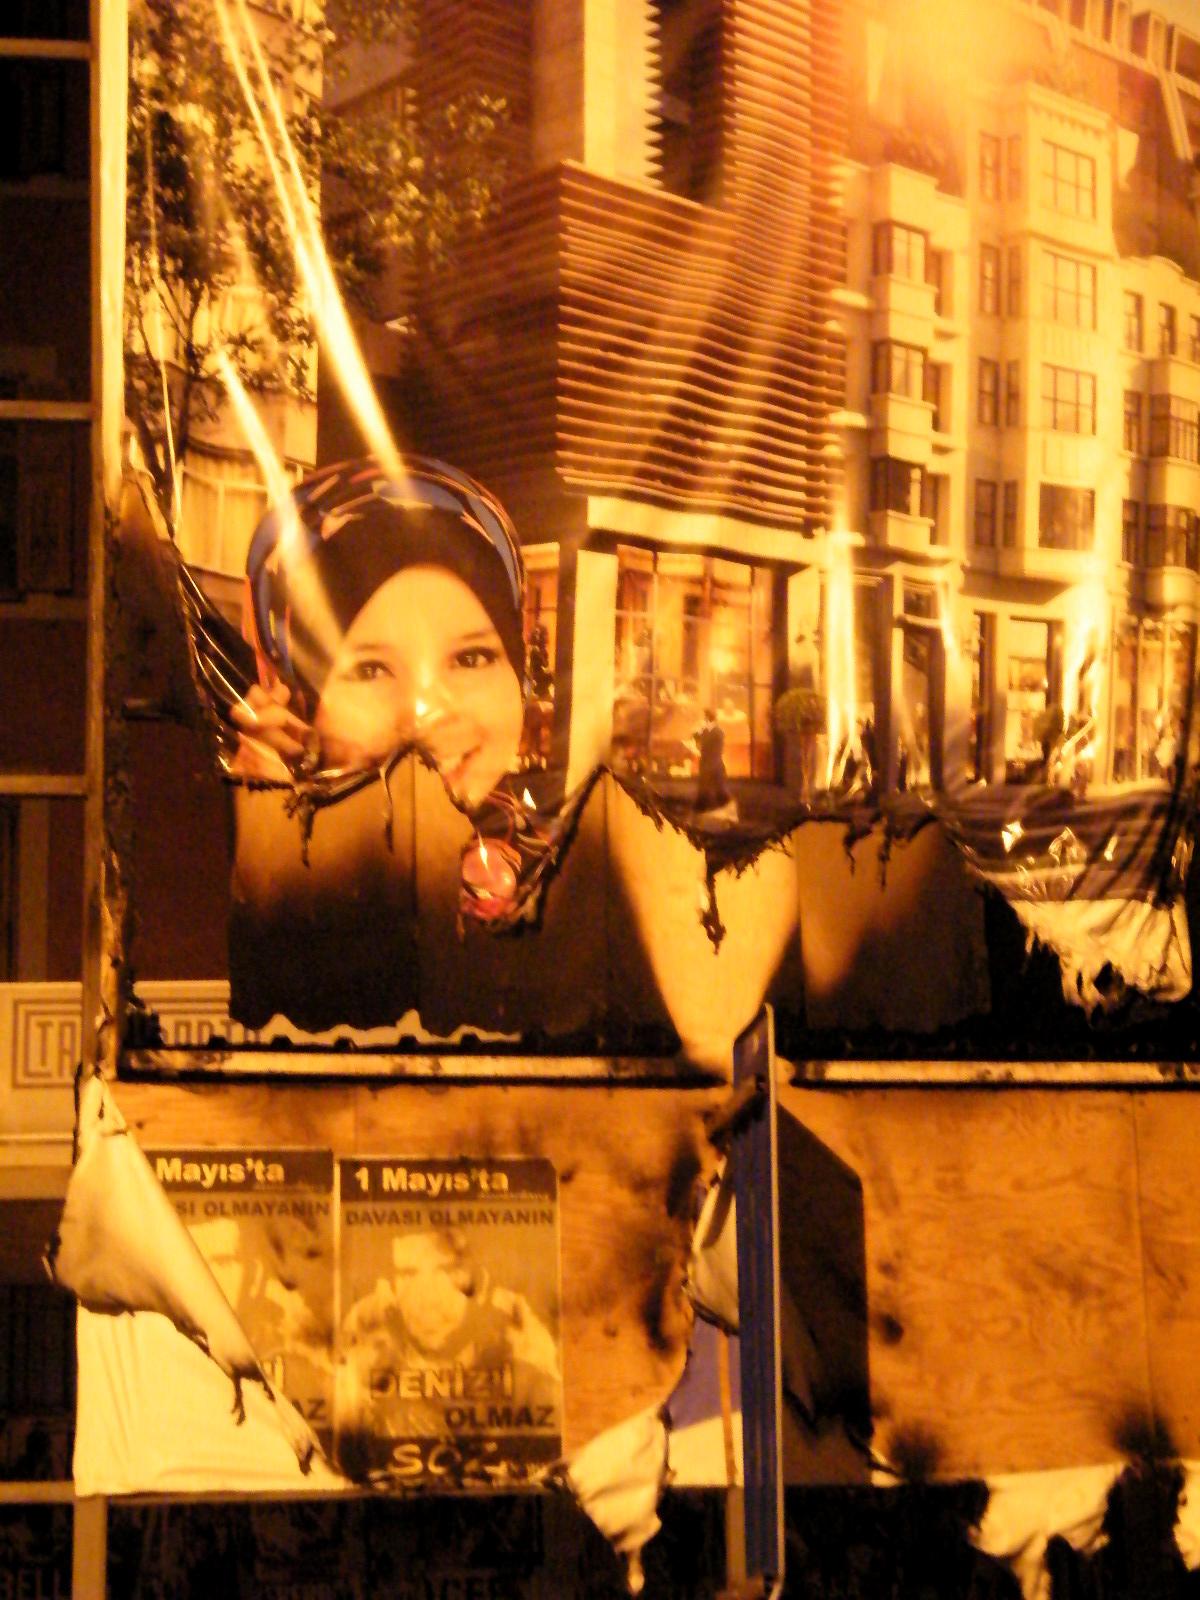 Banderole publicitaire pour le programme de renouvellement urbain de Tarlabaşı